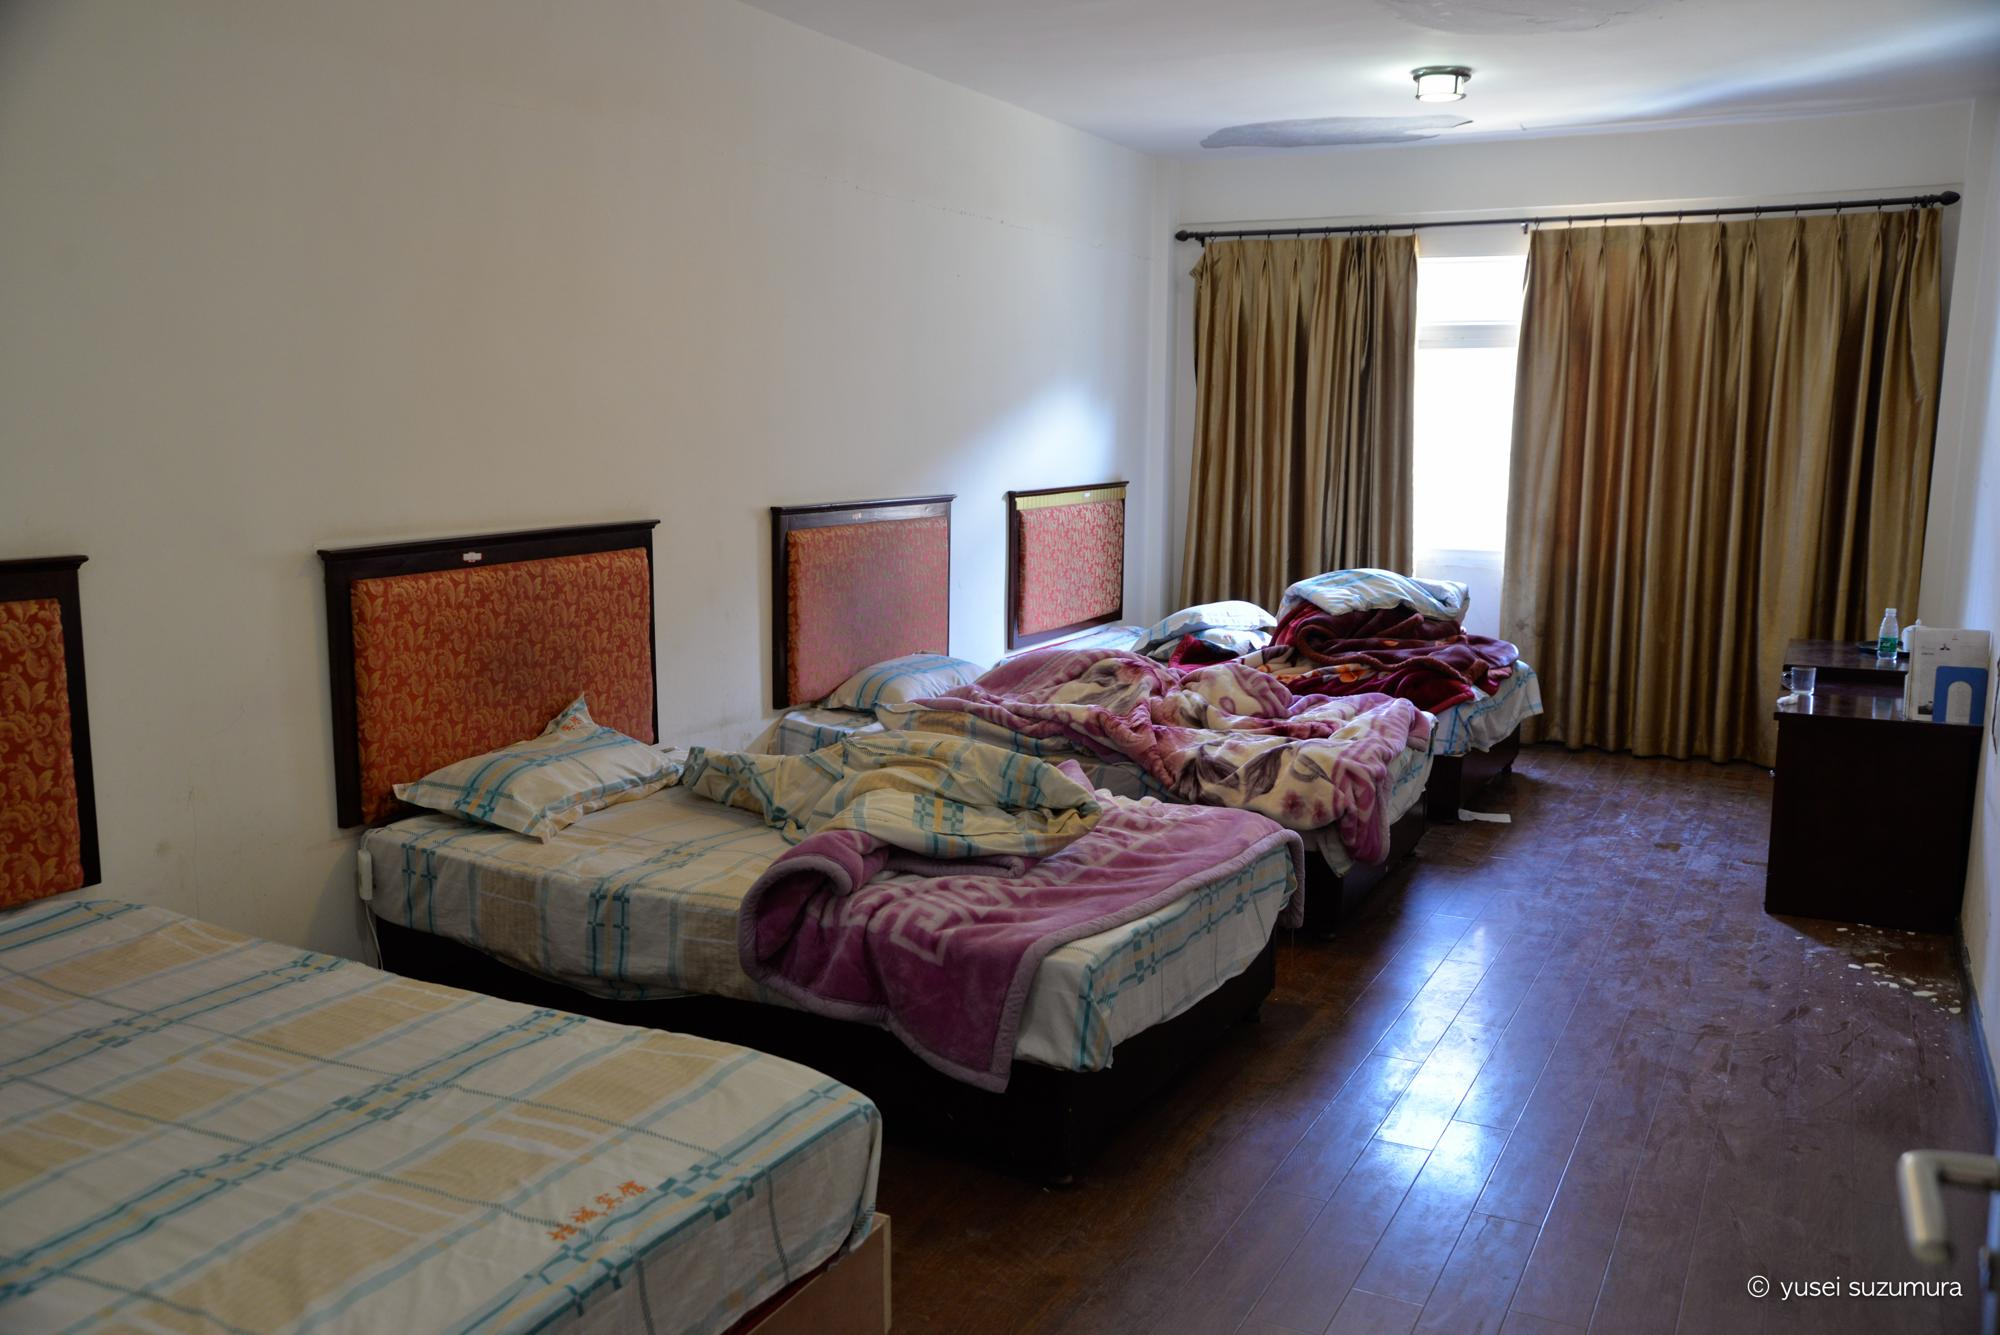 ラルンガルゴンパ ホテル 4人部屋